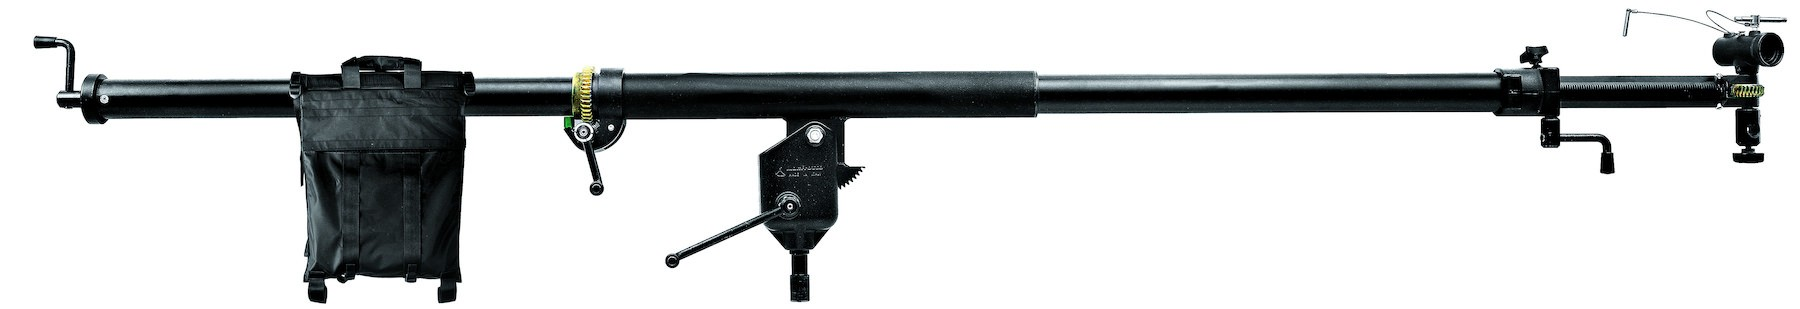 Manfrotto Megaboom - Manfrotto Megaboom m/ vekt.Pris: 500,- eks. mva